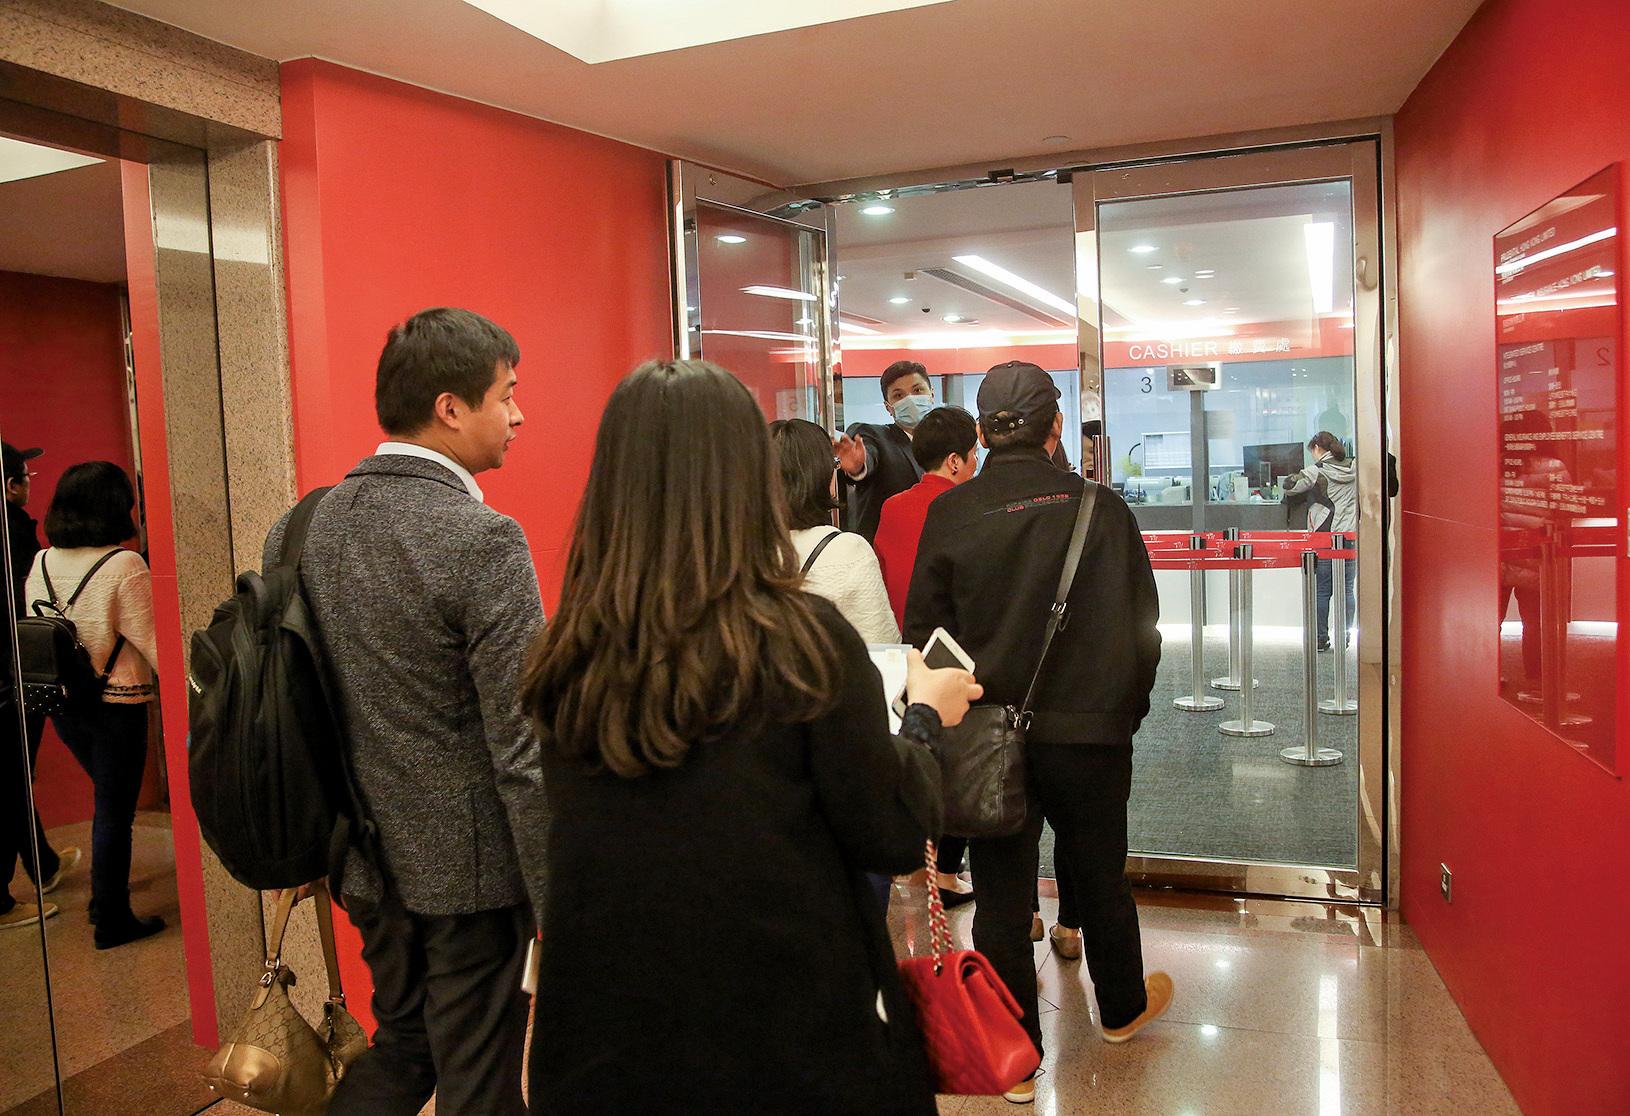 據保監處數據,第三季個人業務總新造保單保費升至508億元,當中大陸客貢獻按年更飆升近1.6倍至188億元,佔比為37%。圖為早前大陸人排隊來香港購買保險。(大紀元資料圖片)